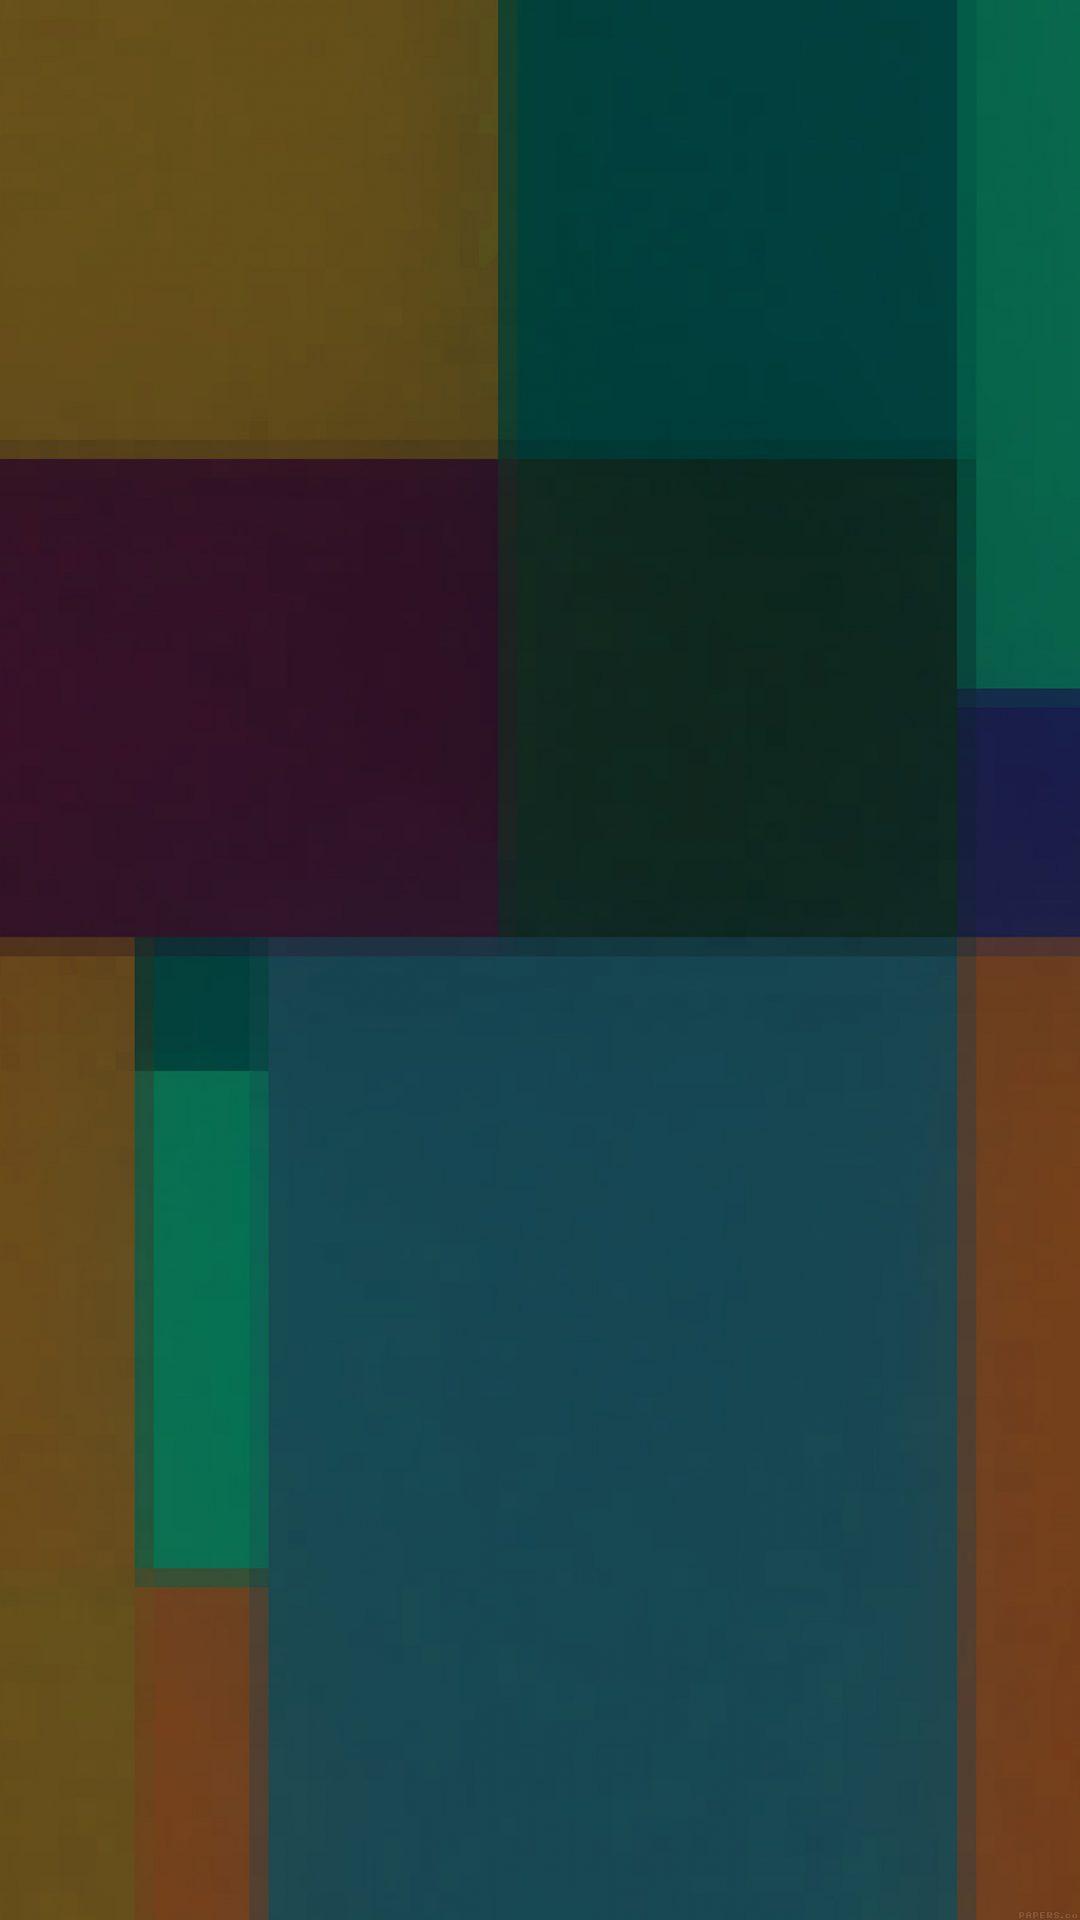 Android Lollipop Mosaic Dark Pattern